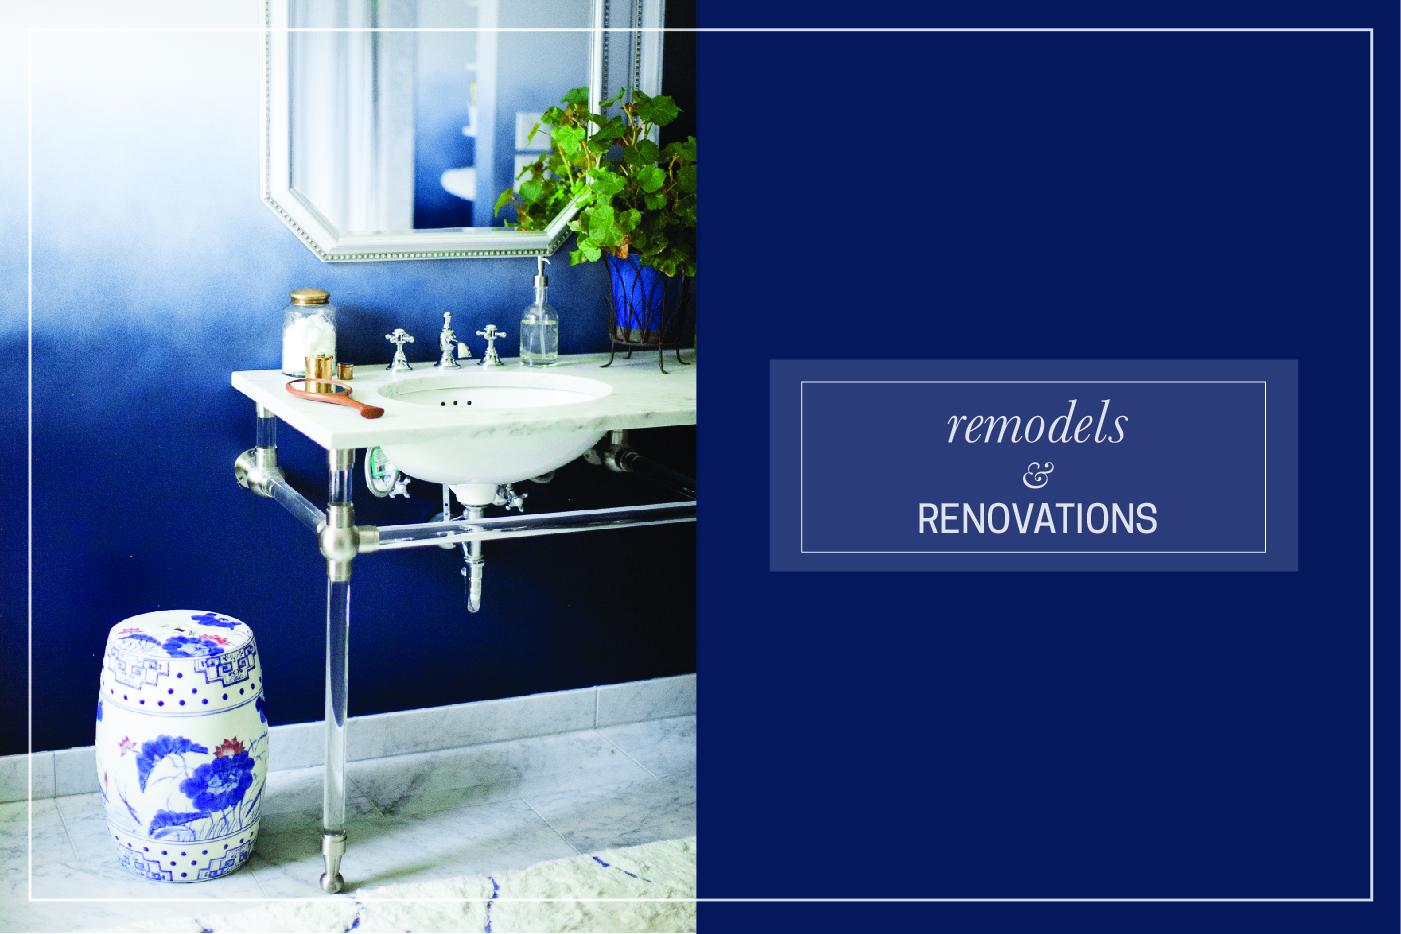 Remodels & Renovations